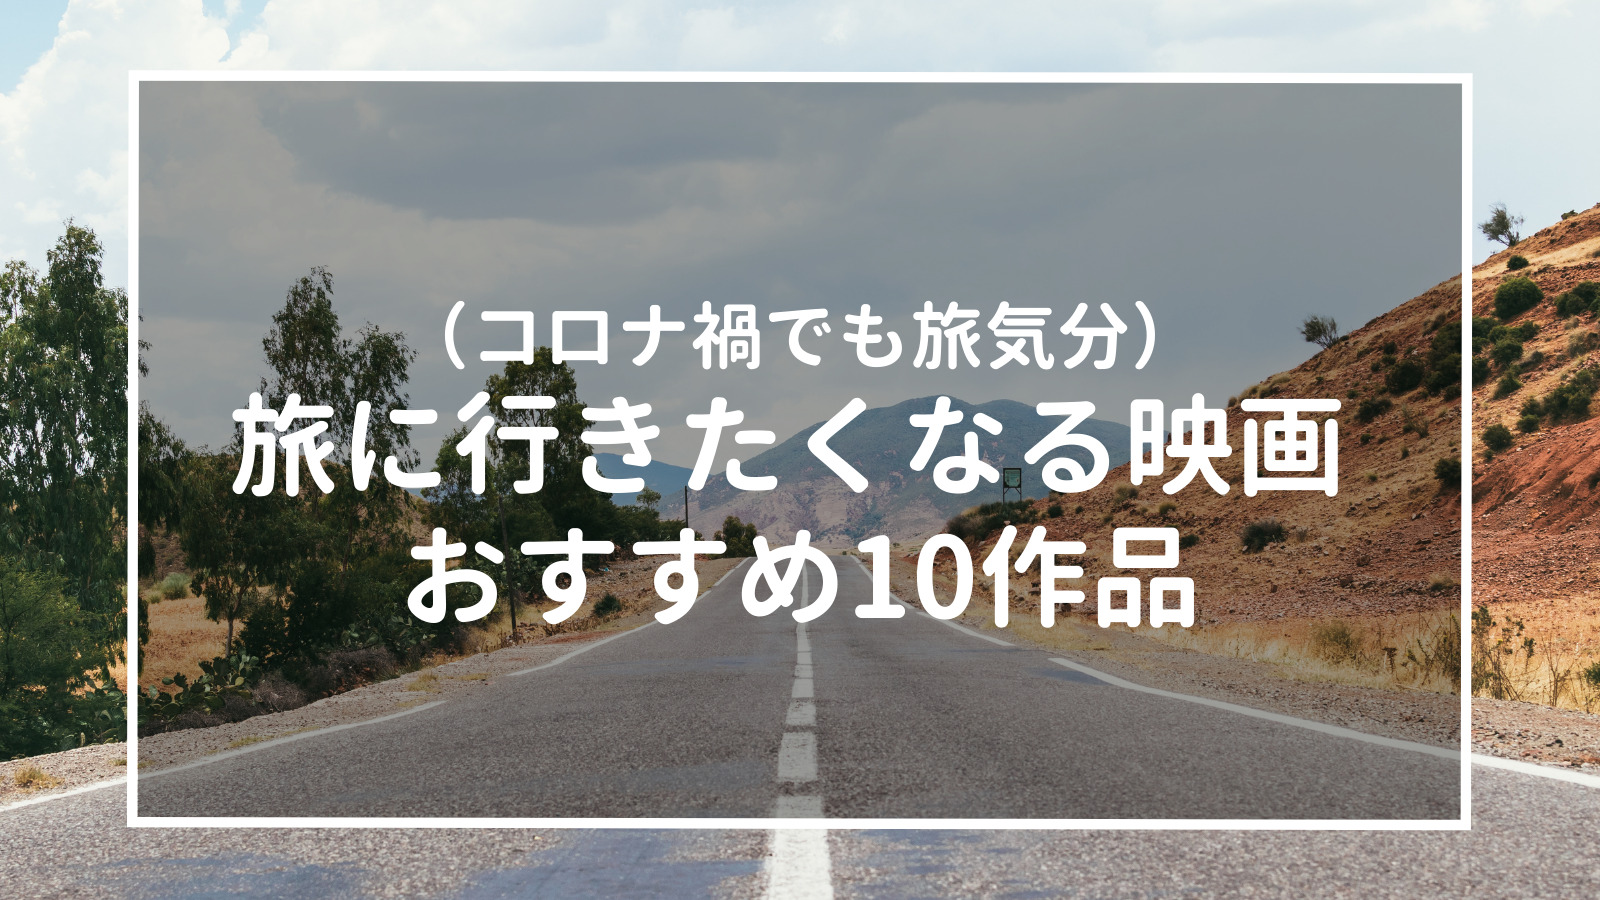 (コロナ禍でも旅気分) 旅に行きたくなる映画  おすすめ10作品